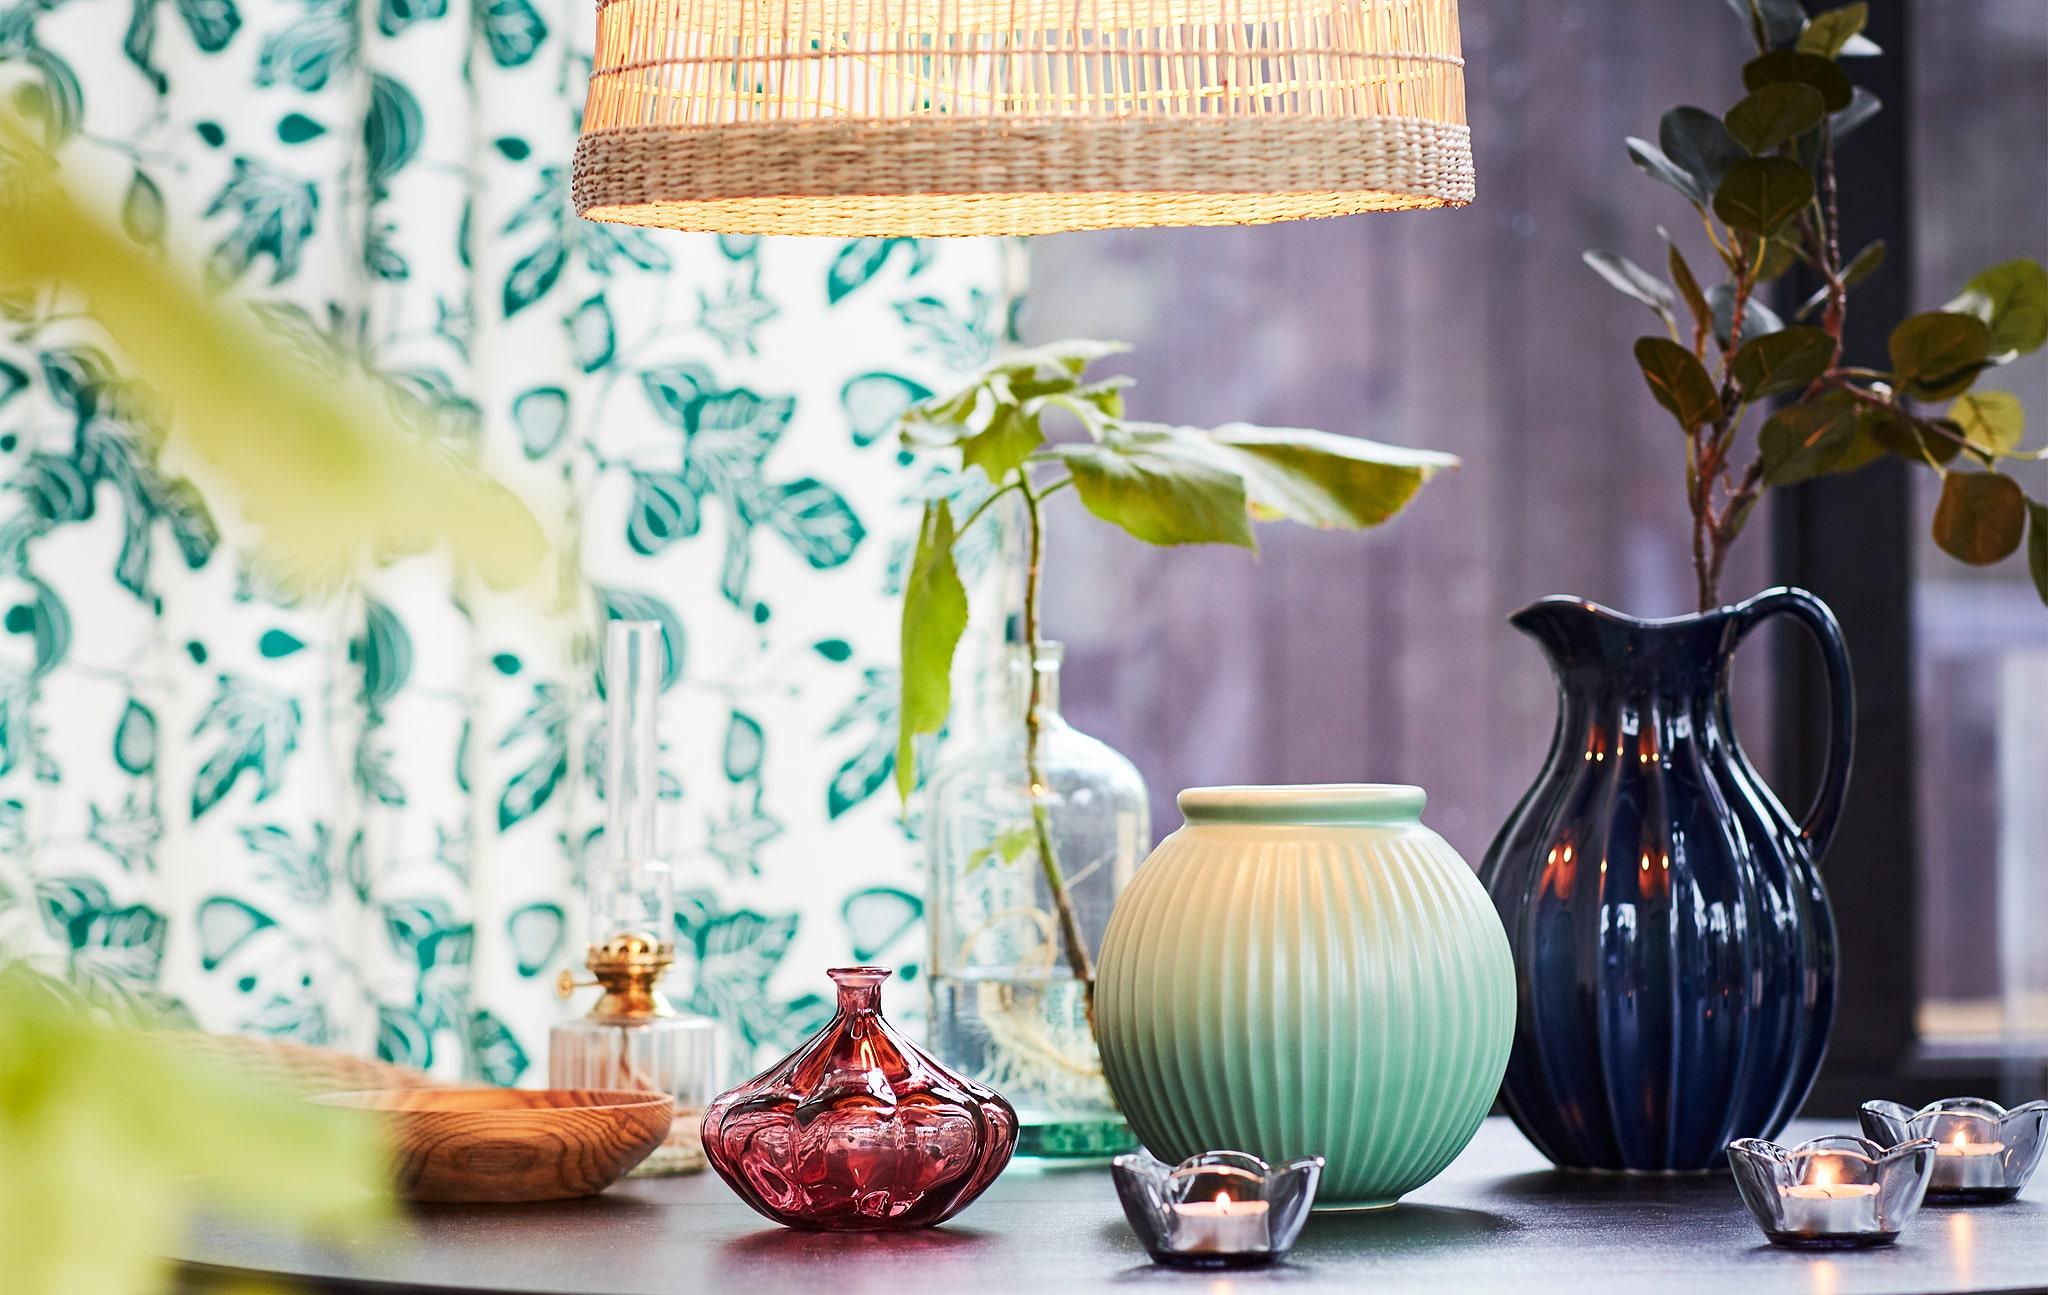 Sebuah meja yang dihiasi dengan vas kecil dan lilin dengan sedikit daun hijau dan penanda musim semi.